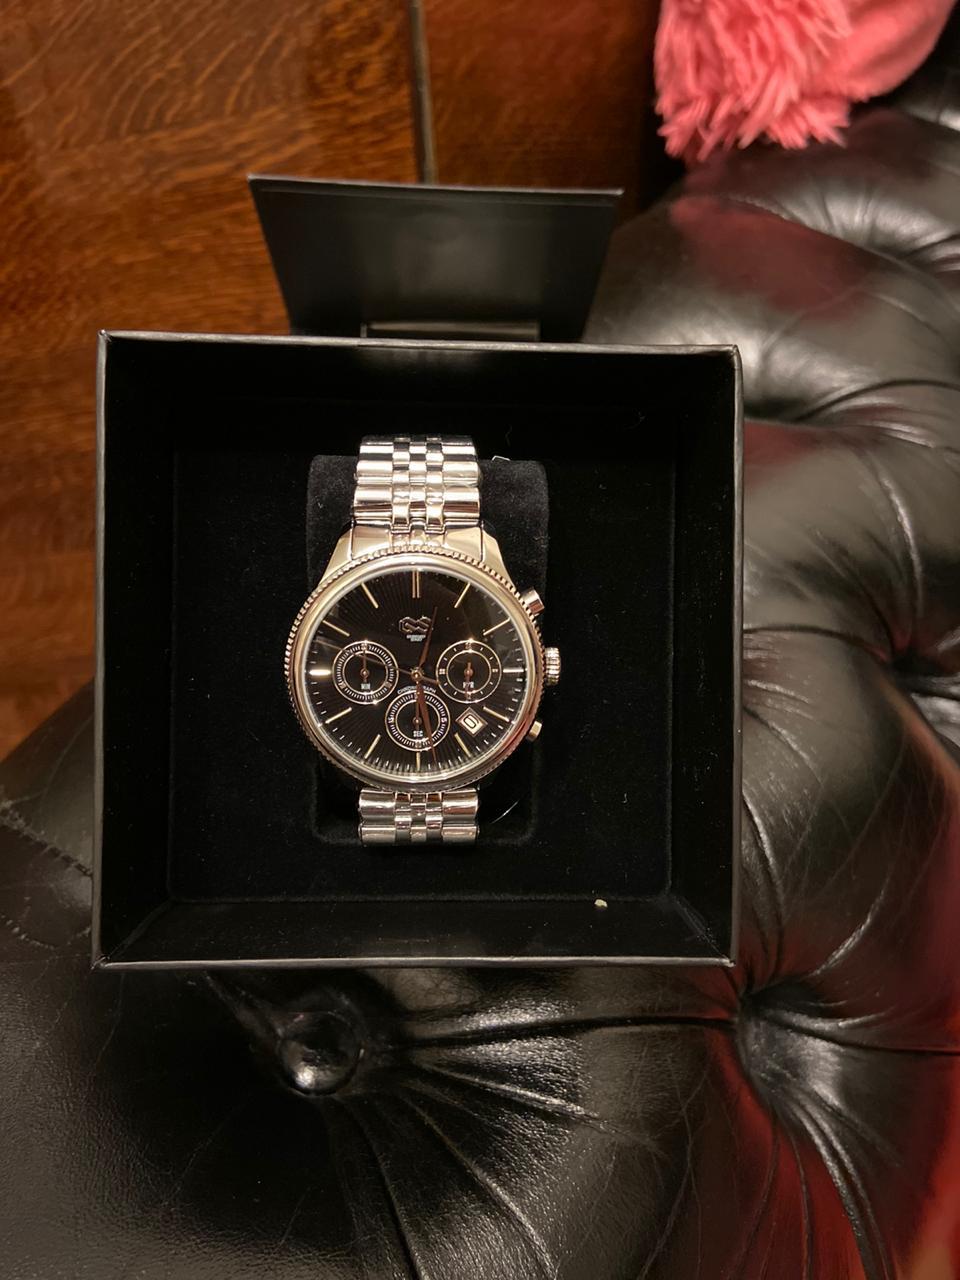 Часы очень крутые доставили бысто спаибо вам